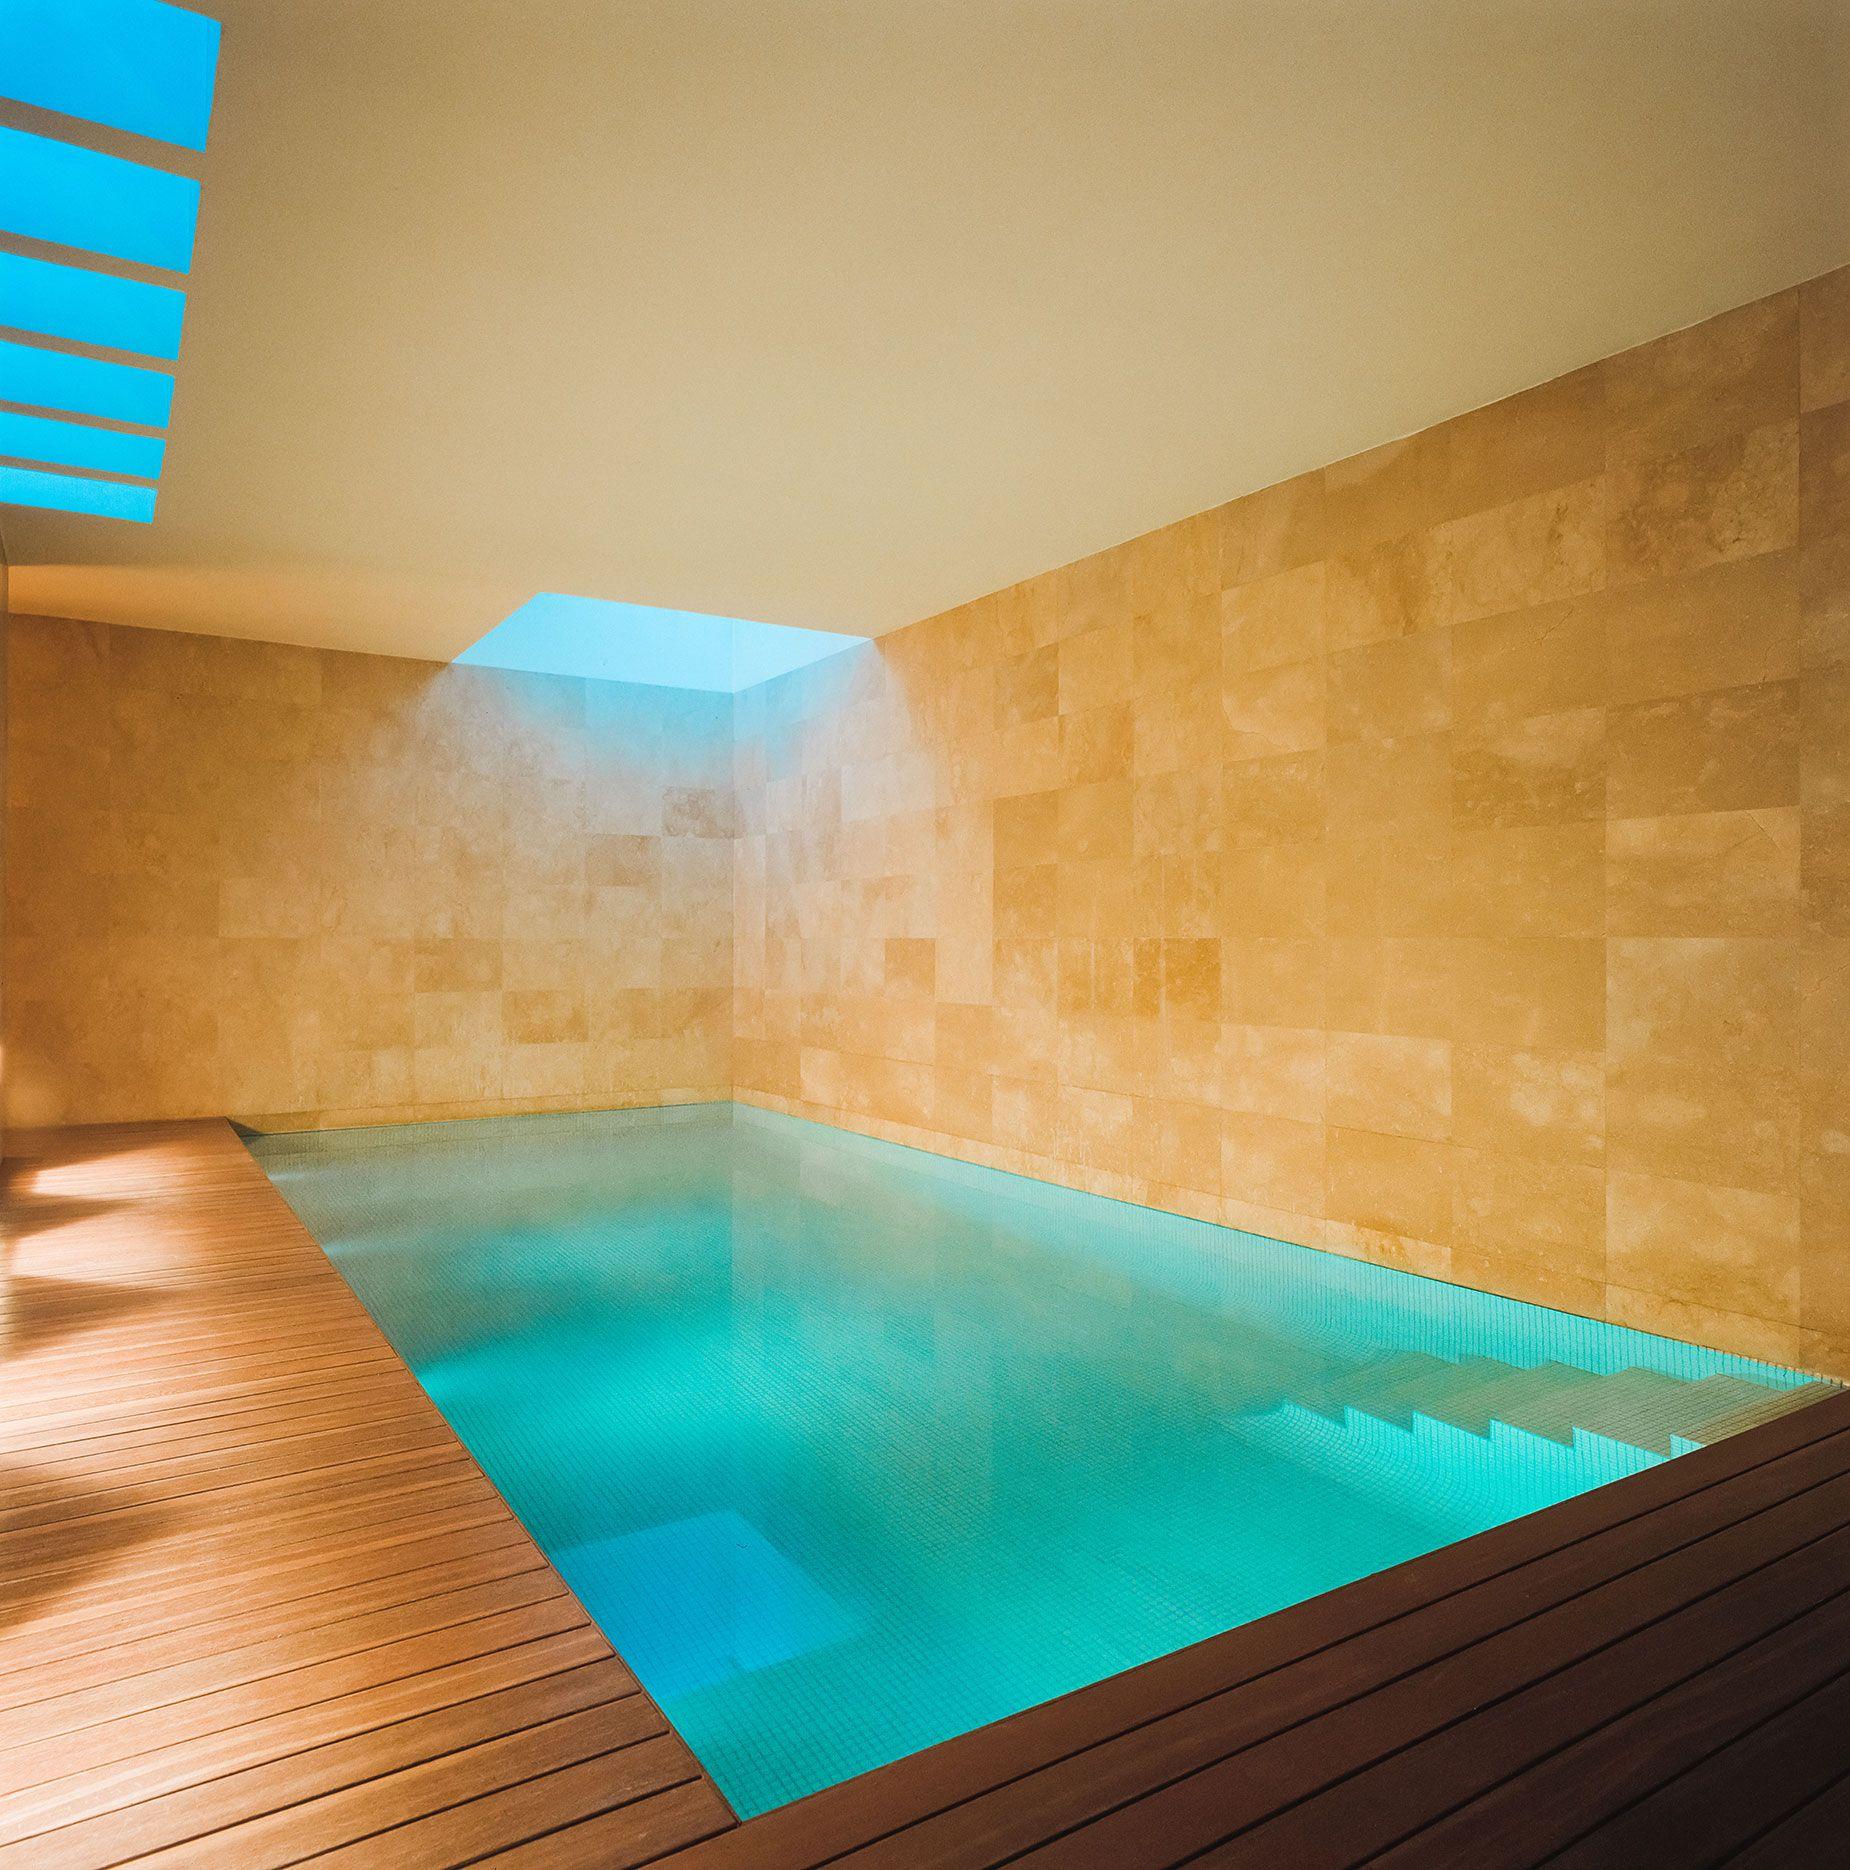 Casa con una piscina interior de dise o lo quiero en for Diseno de casas con piscina interior